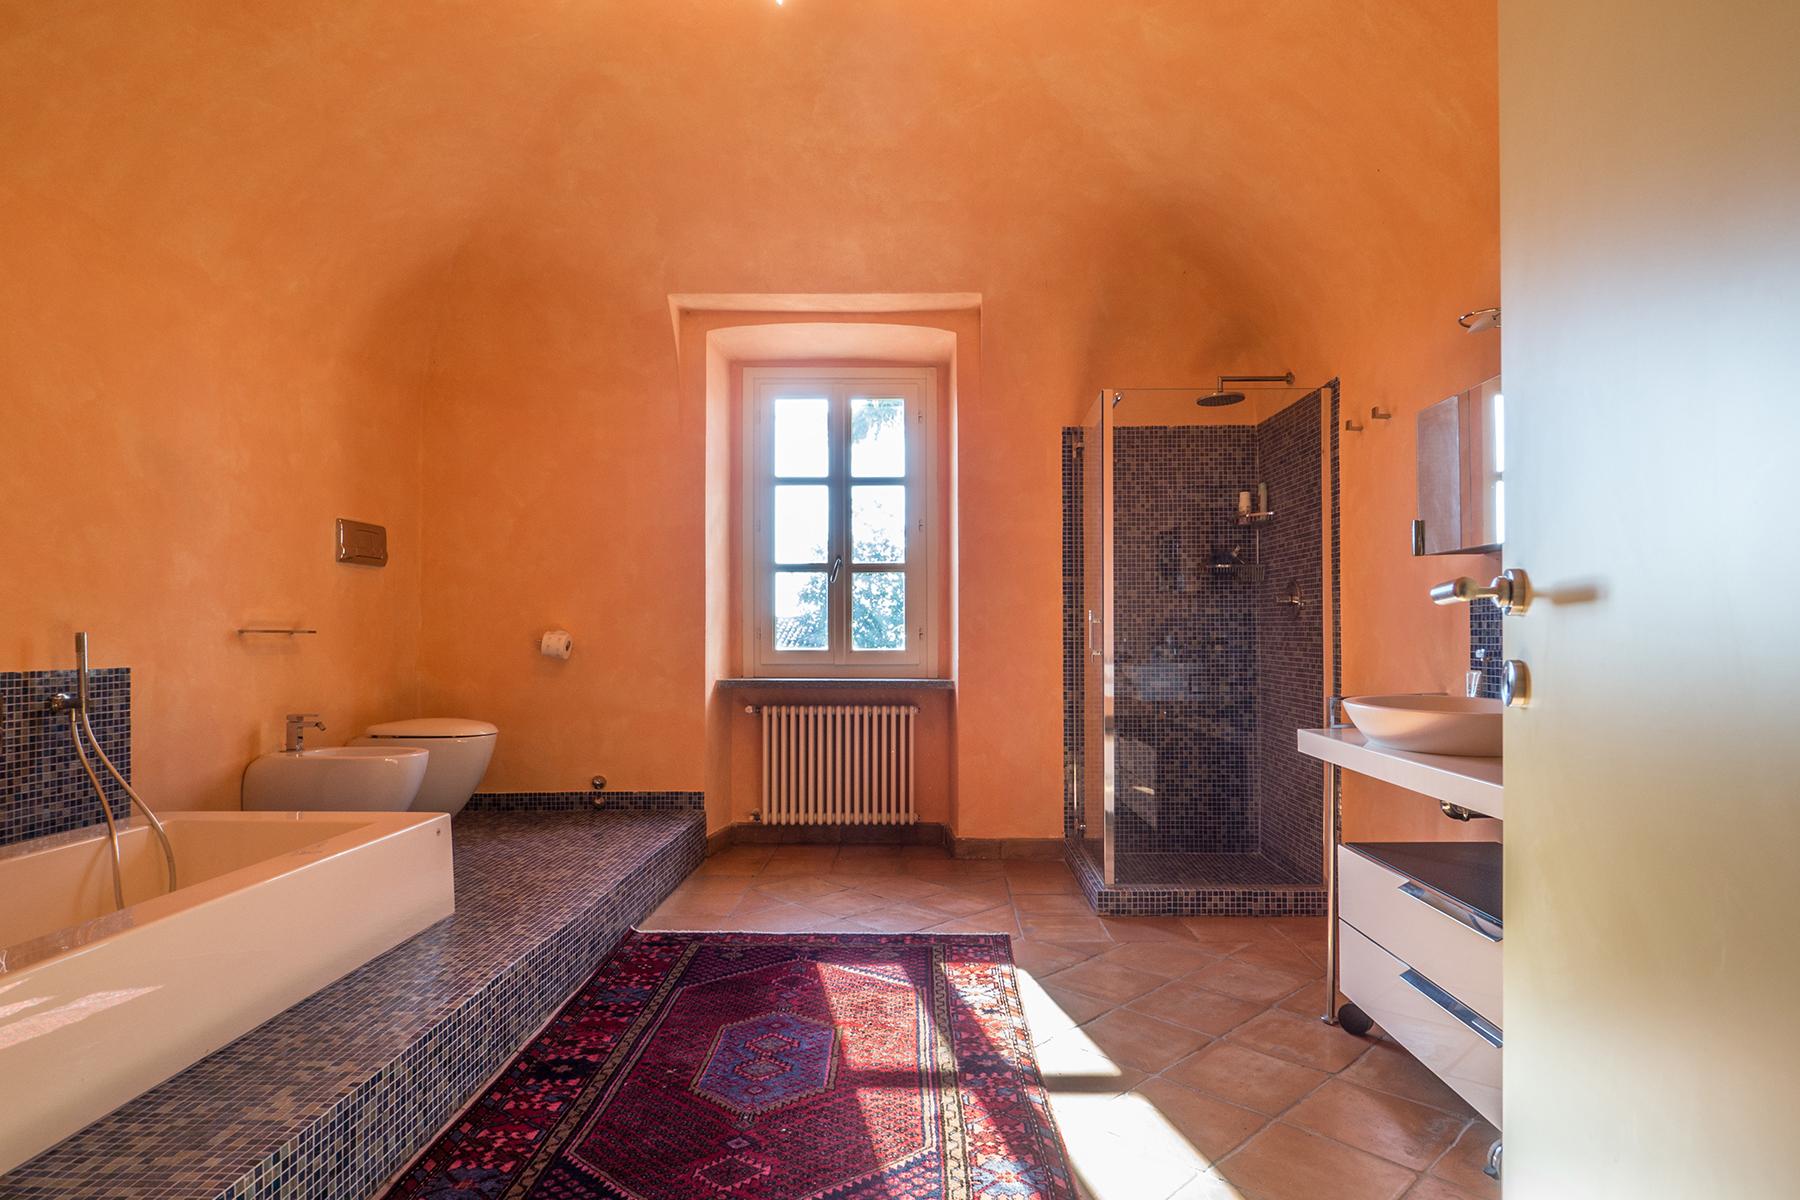 Rustico in Vendita a Vignale Monferrato: 5 locali, 1400 mq - Foto 9